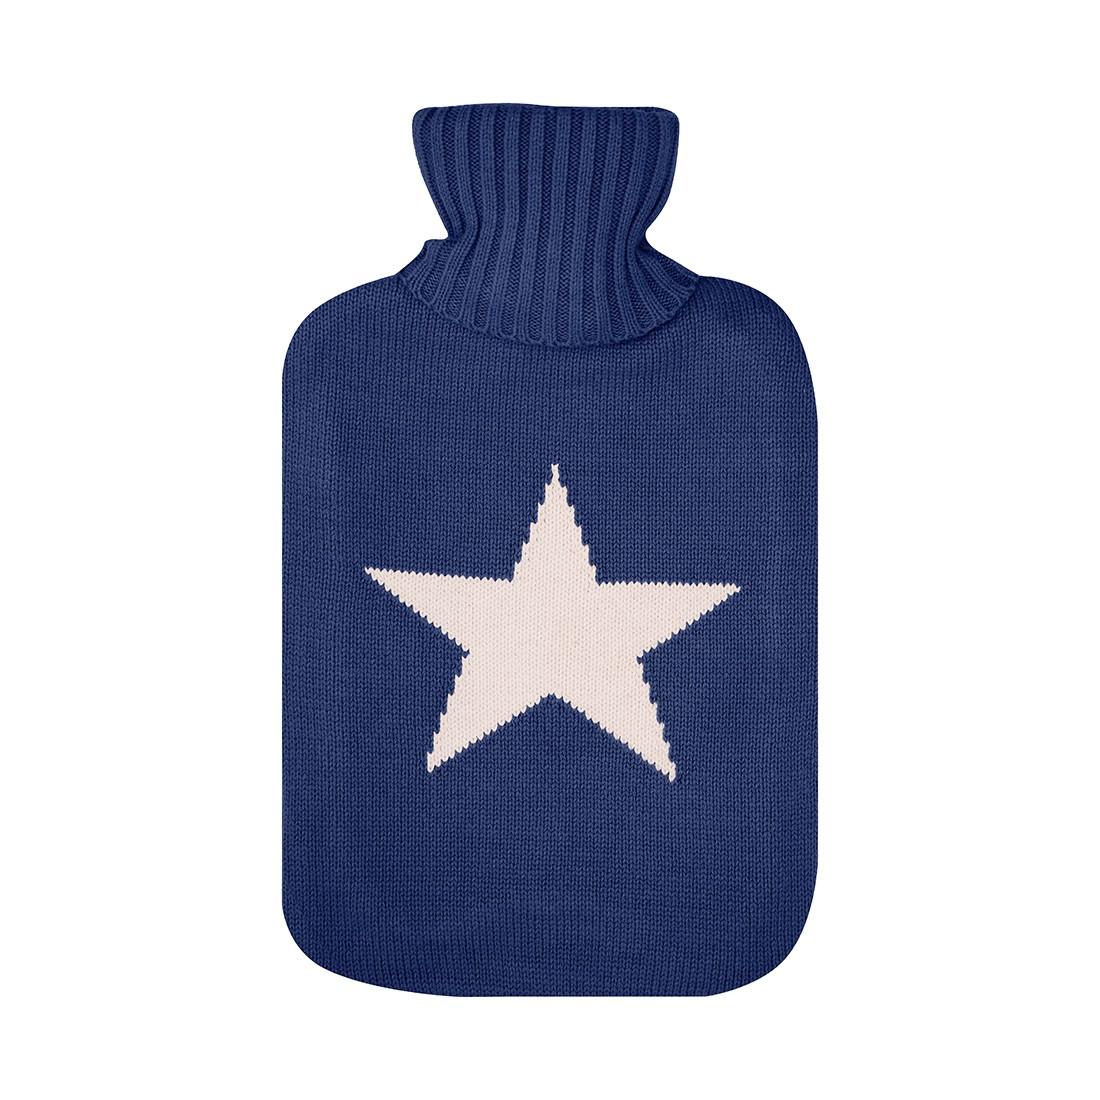 Wärmflasche Big Star – Blau, Tom Tailor jetzt bestellen